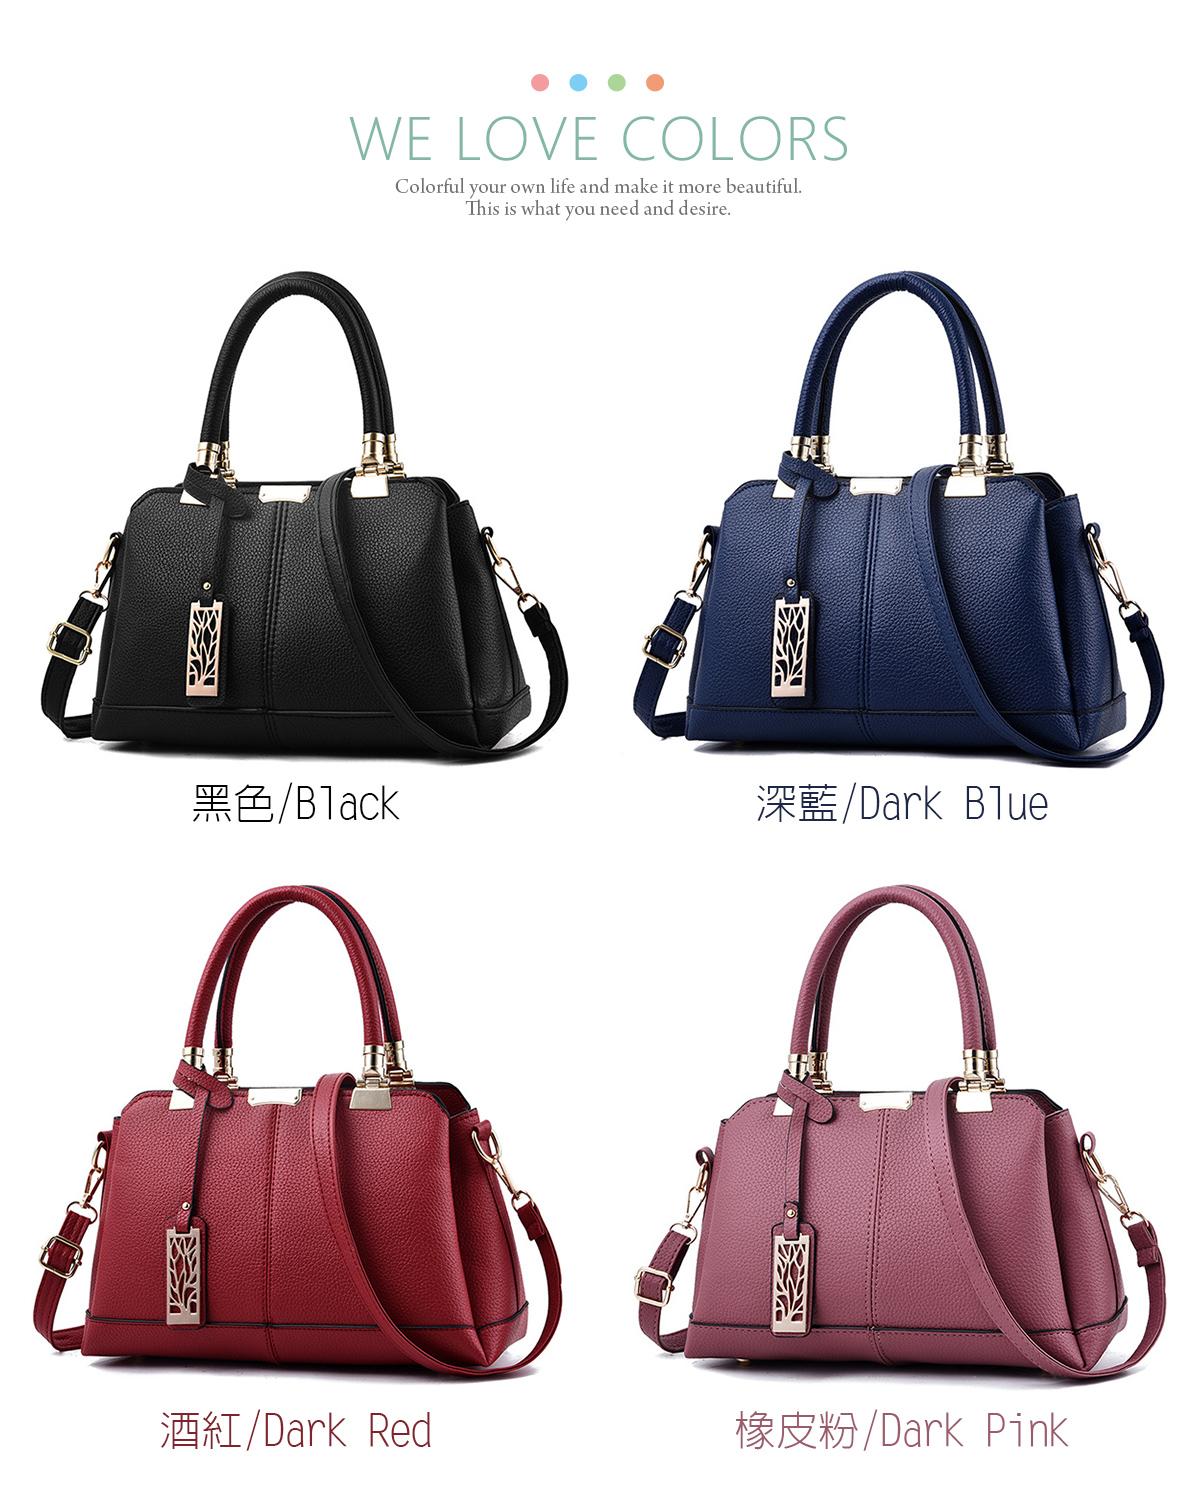 氣質淑女金屬吊飾手提包:共四種顏色:黑色、深藍、酒紅、橡皮粉